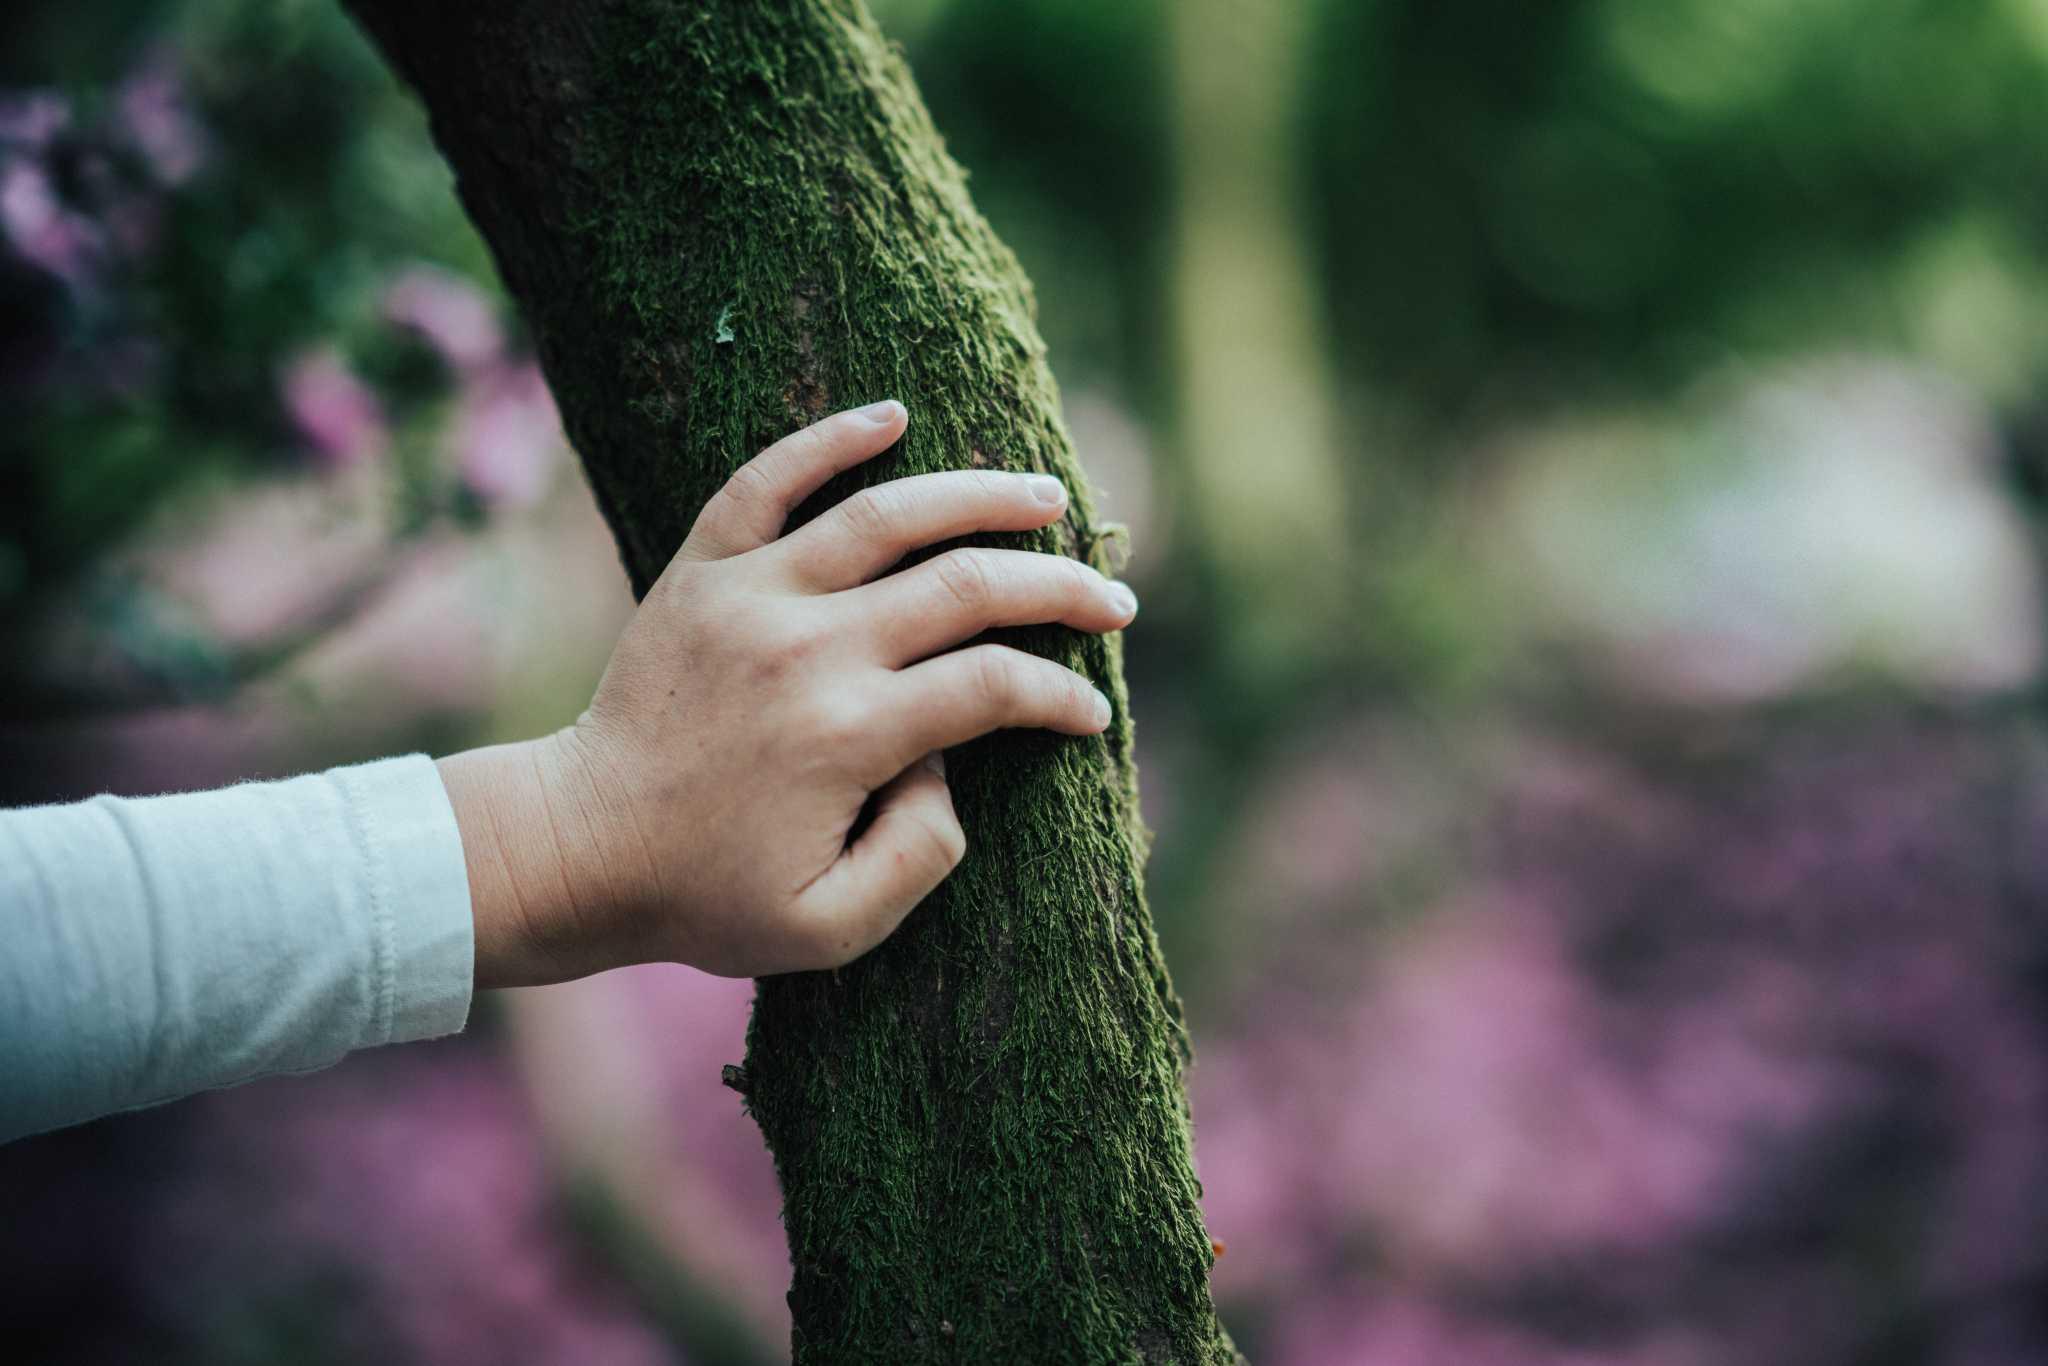 hand touching mossy tree